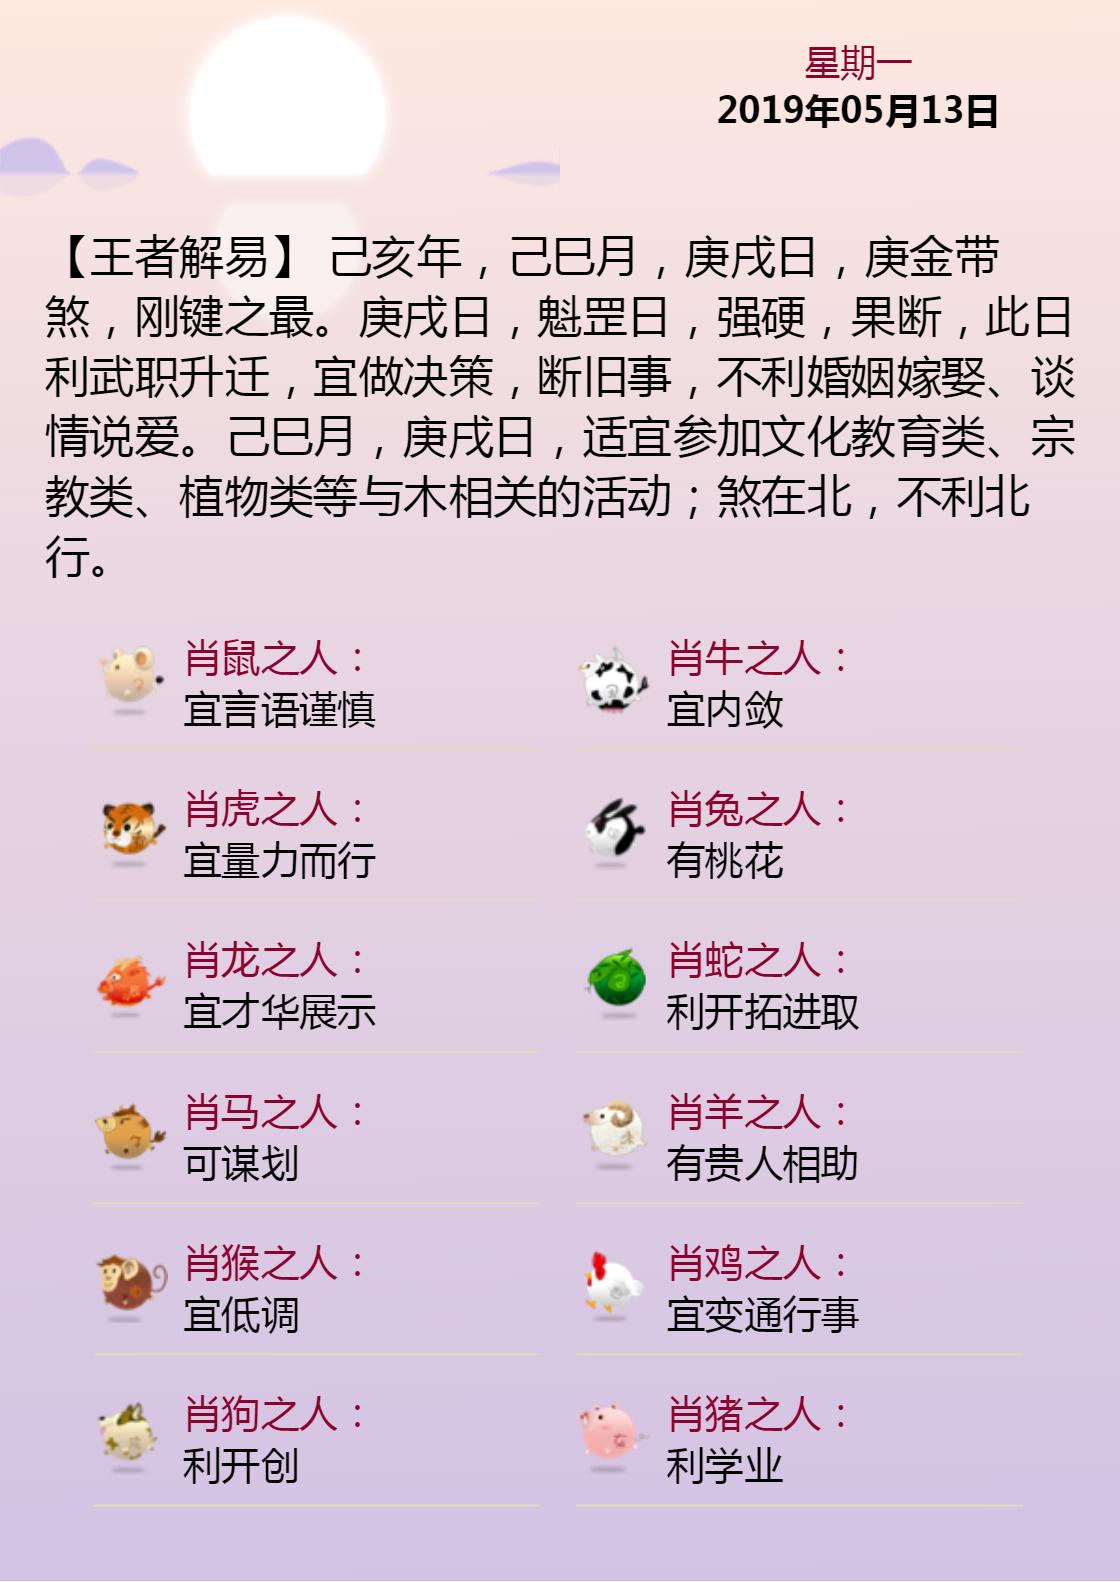 黄历海报20190513.png